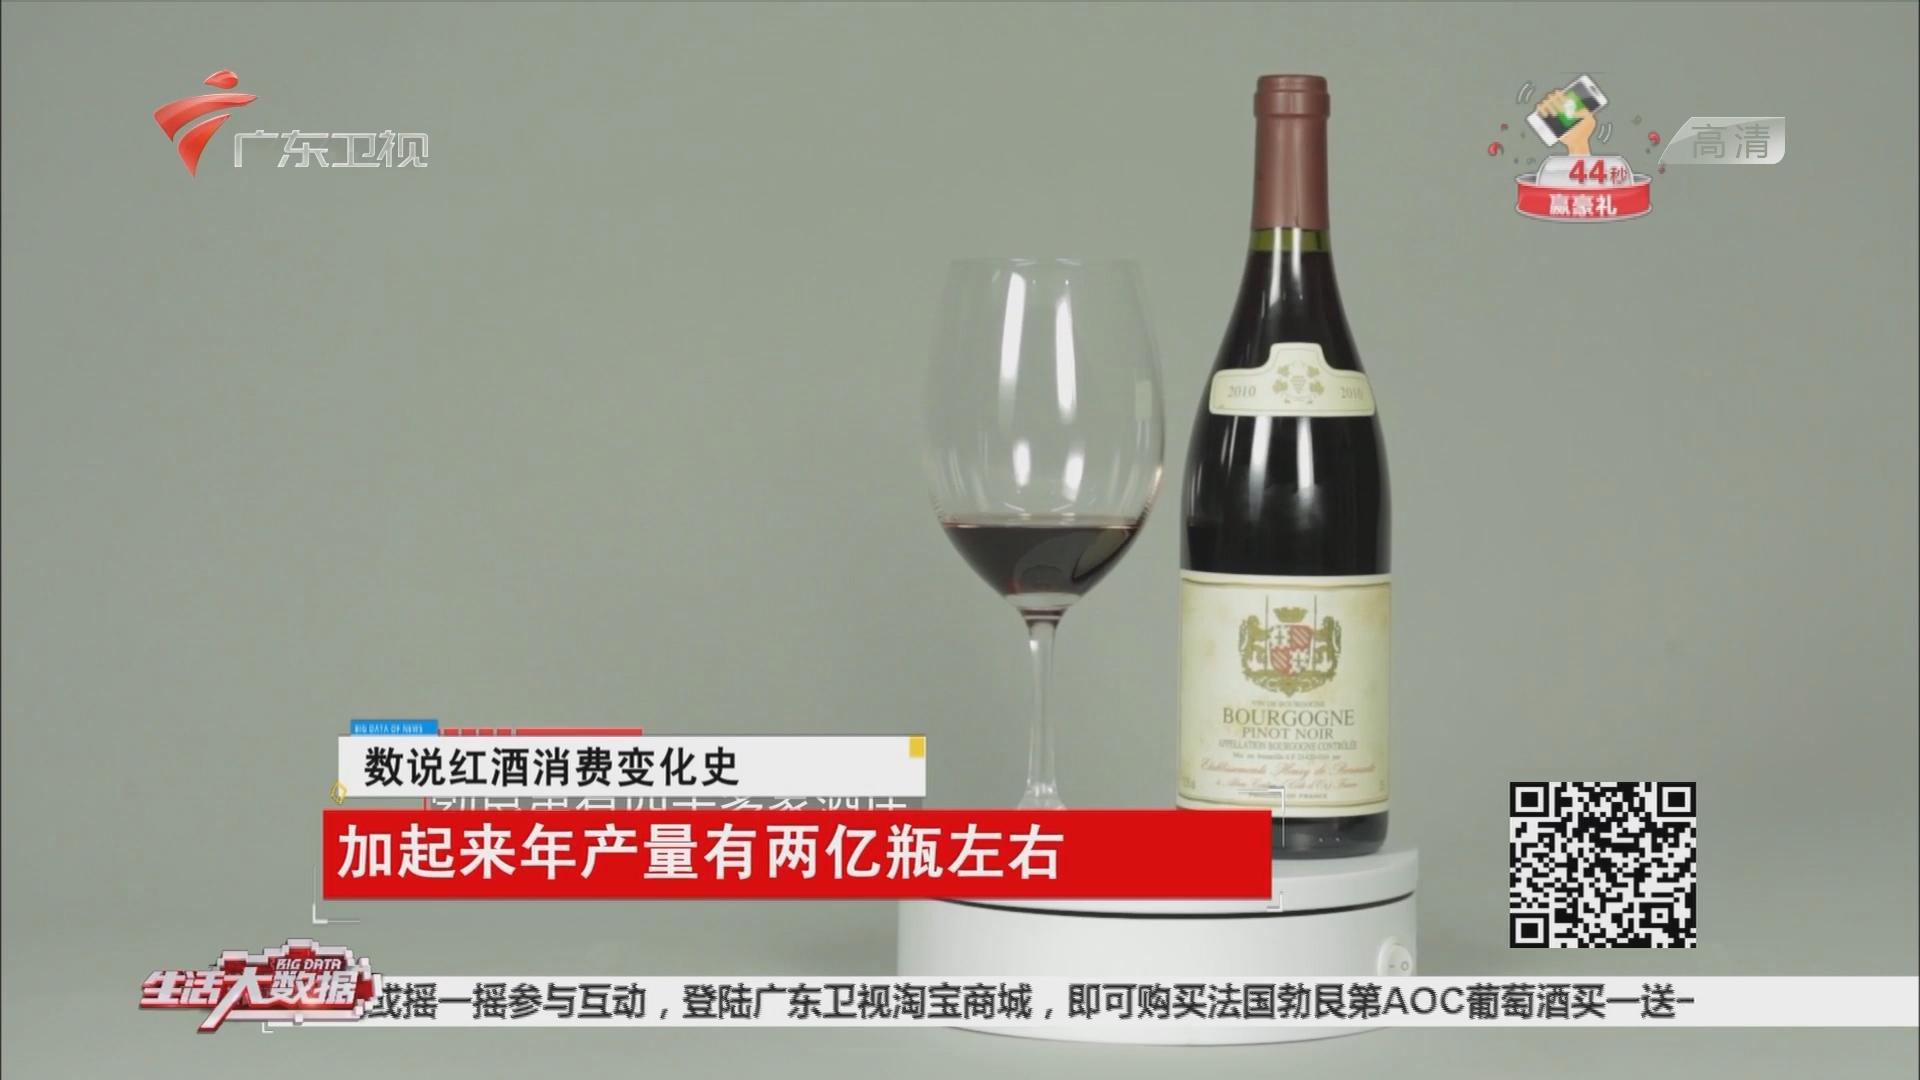 数说红酒消费变化史